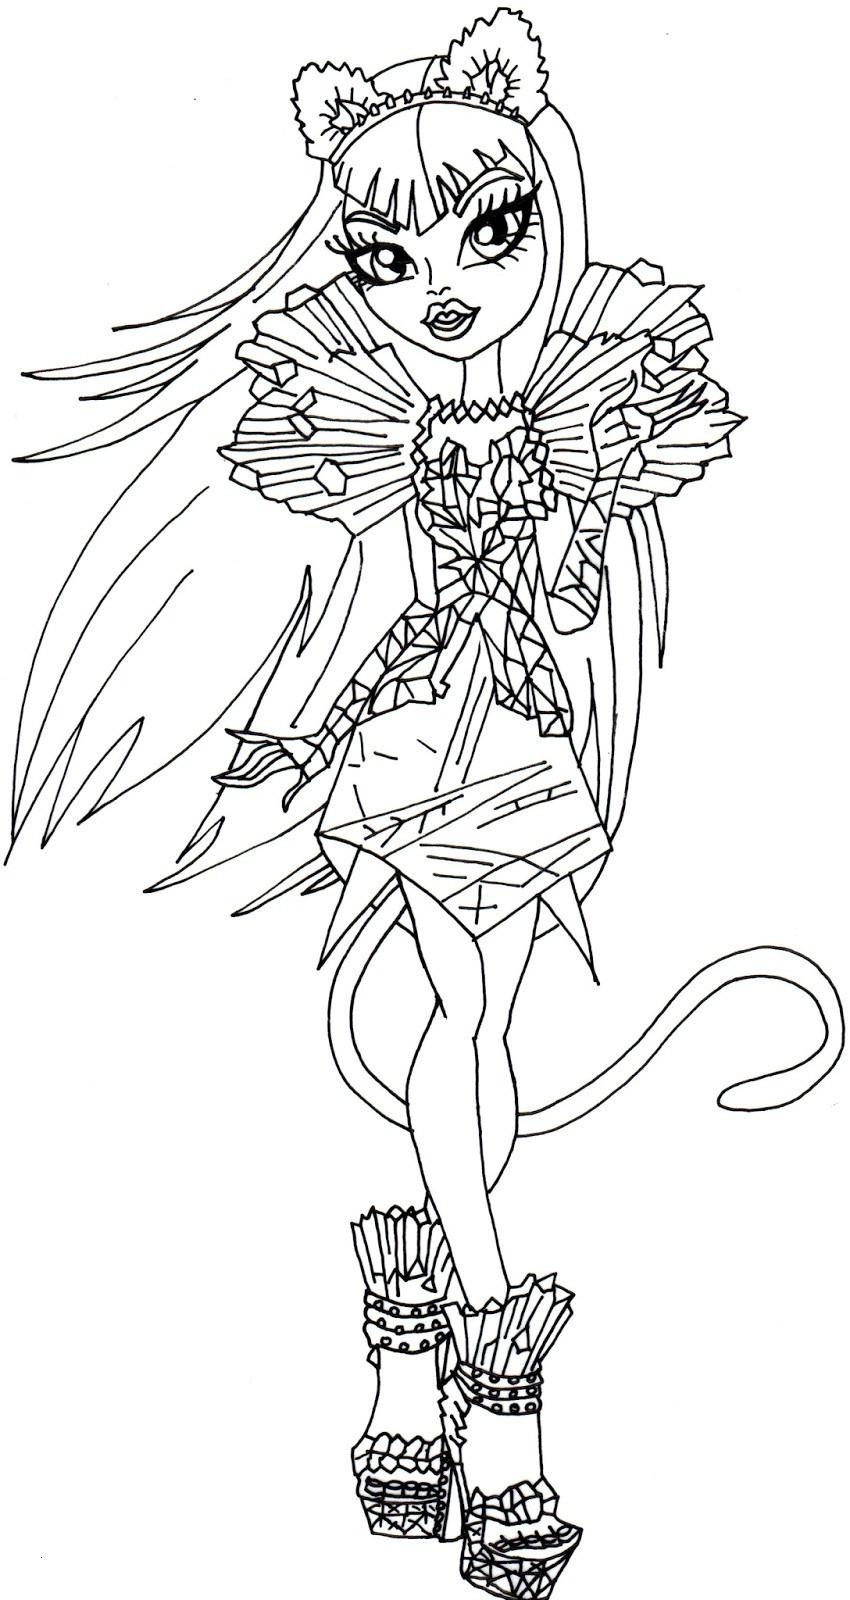 Ausmalbilder Monster High Frankie Stein Inspirierend 40 Ausmalbilder Monster High Frankie Stein Scoredatscore Schön Sammlung